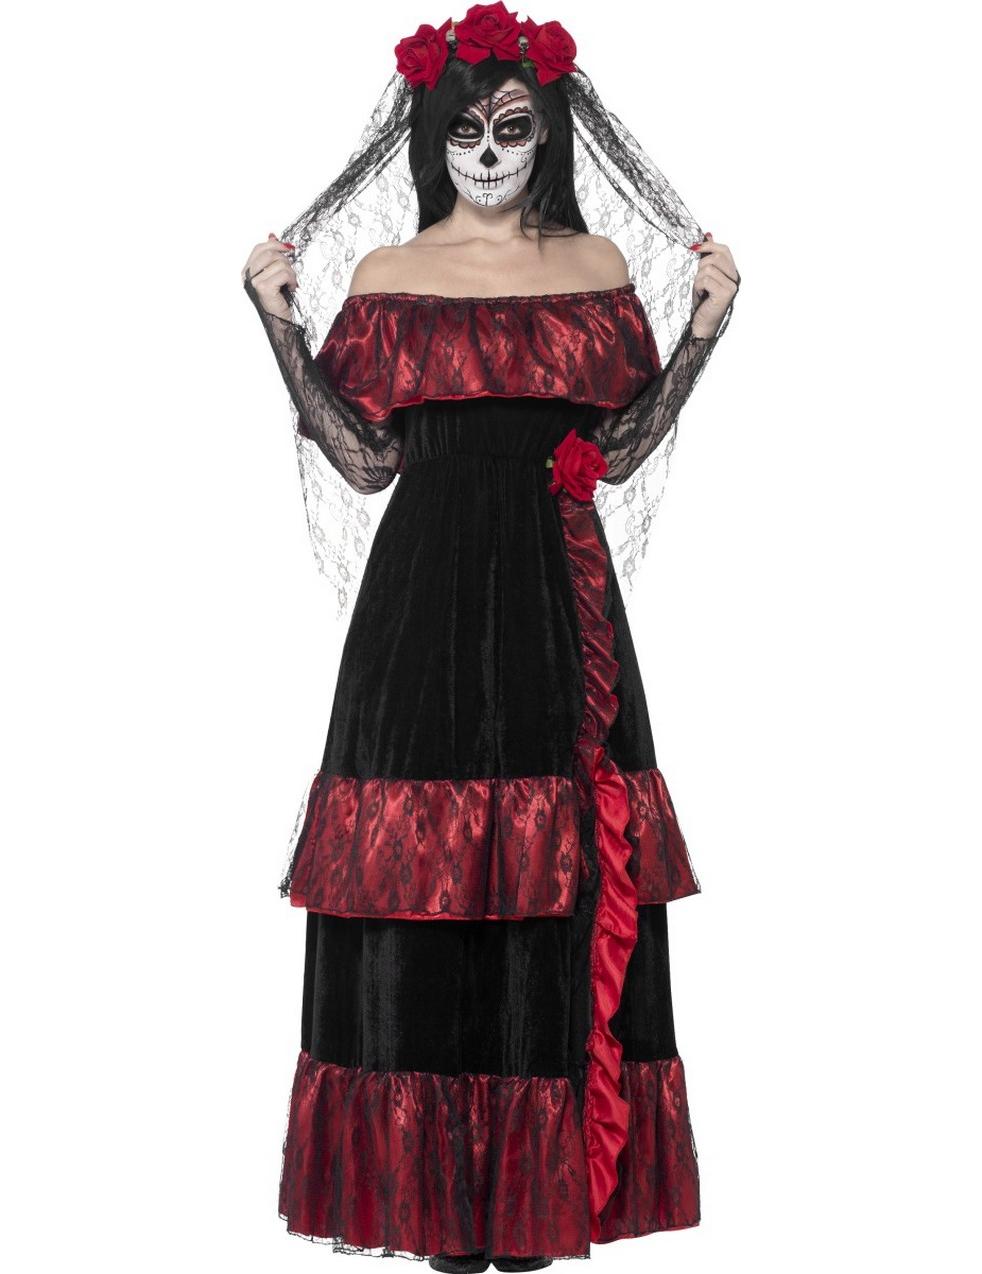 D guisement mari e mexicaine femme halloween d coration anniversaire et f tes th me sur - Deguisement halloween mariee ...